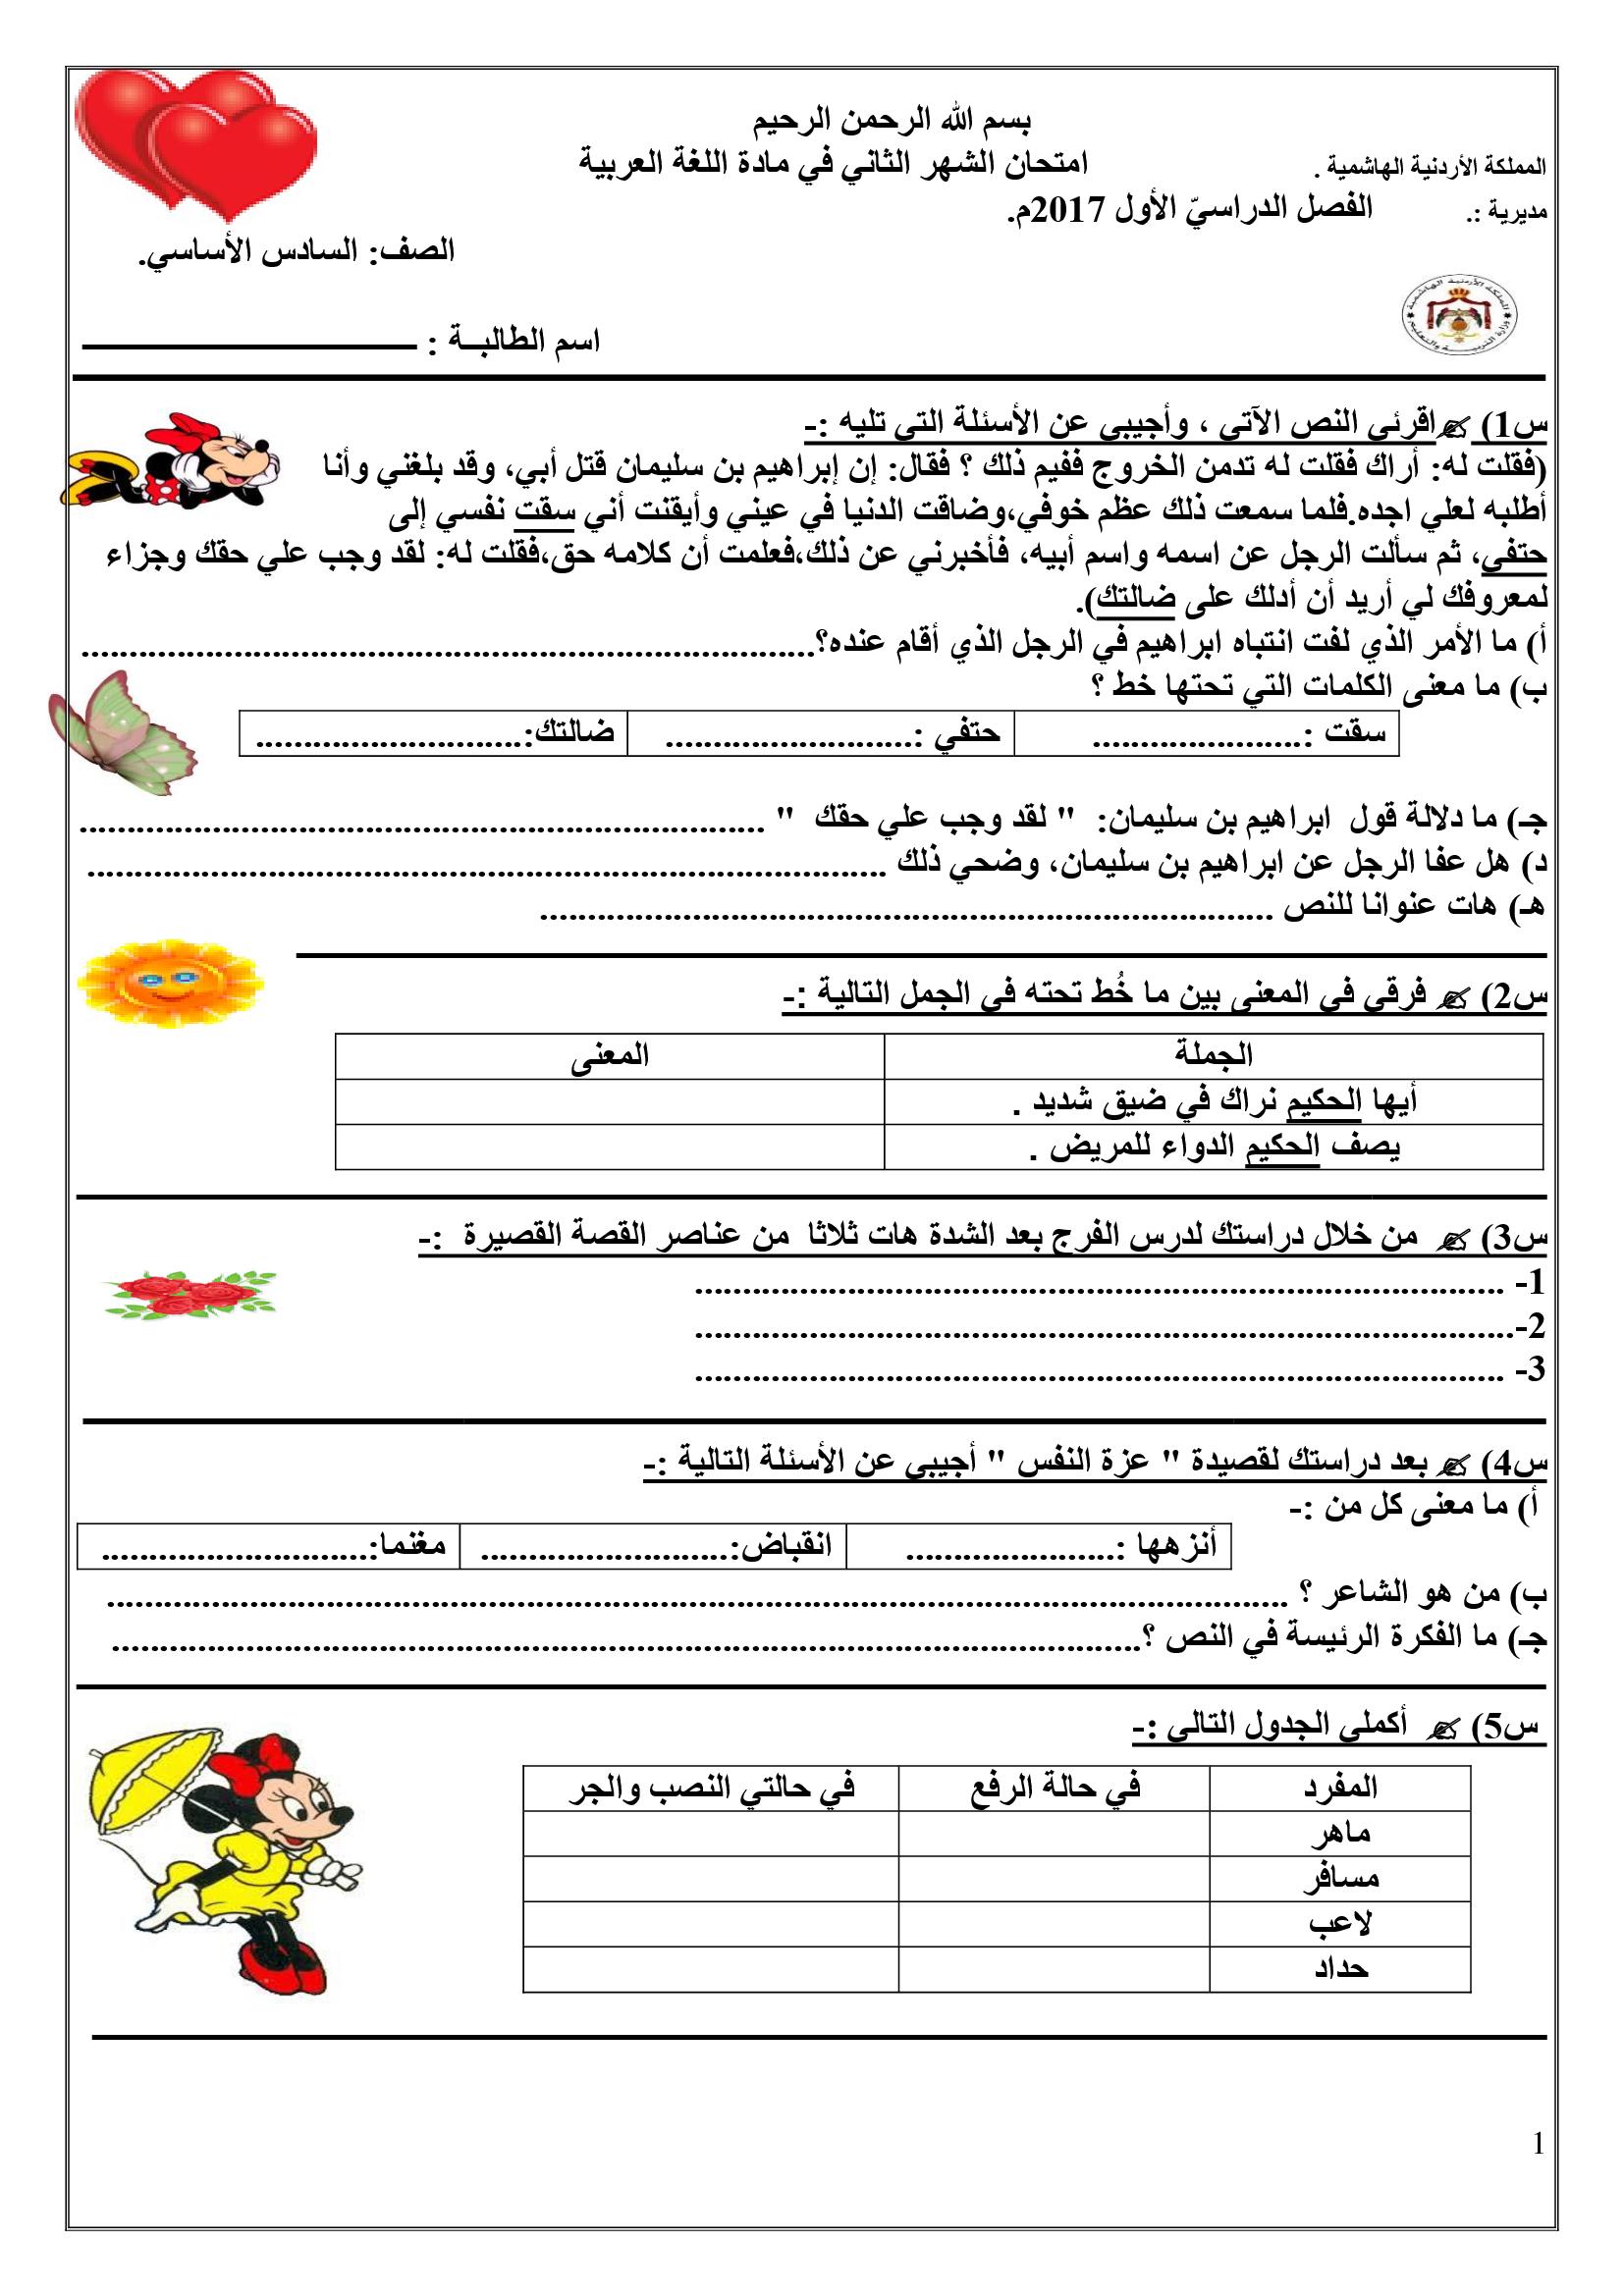 اختبار الشهر الثاني لمادة اللغة العربية للصف السادس الفصل الاول 2017